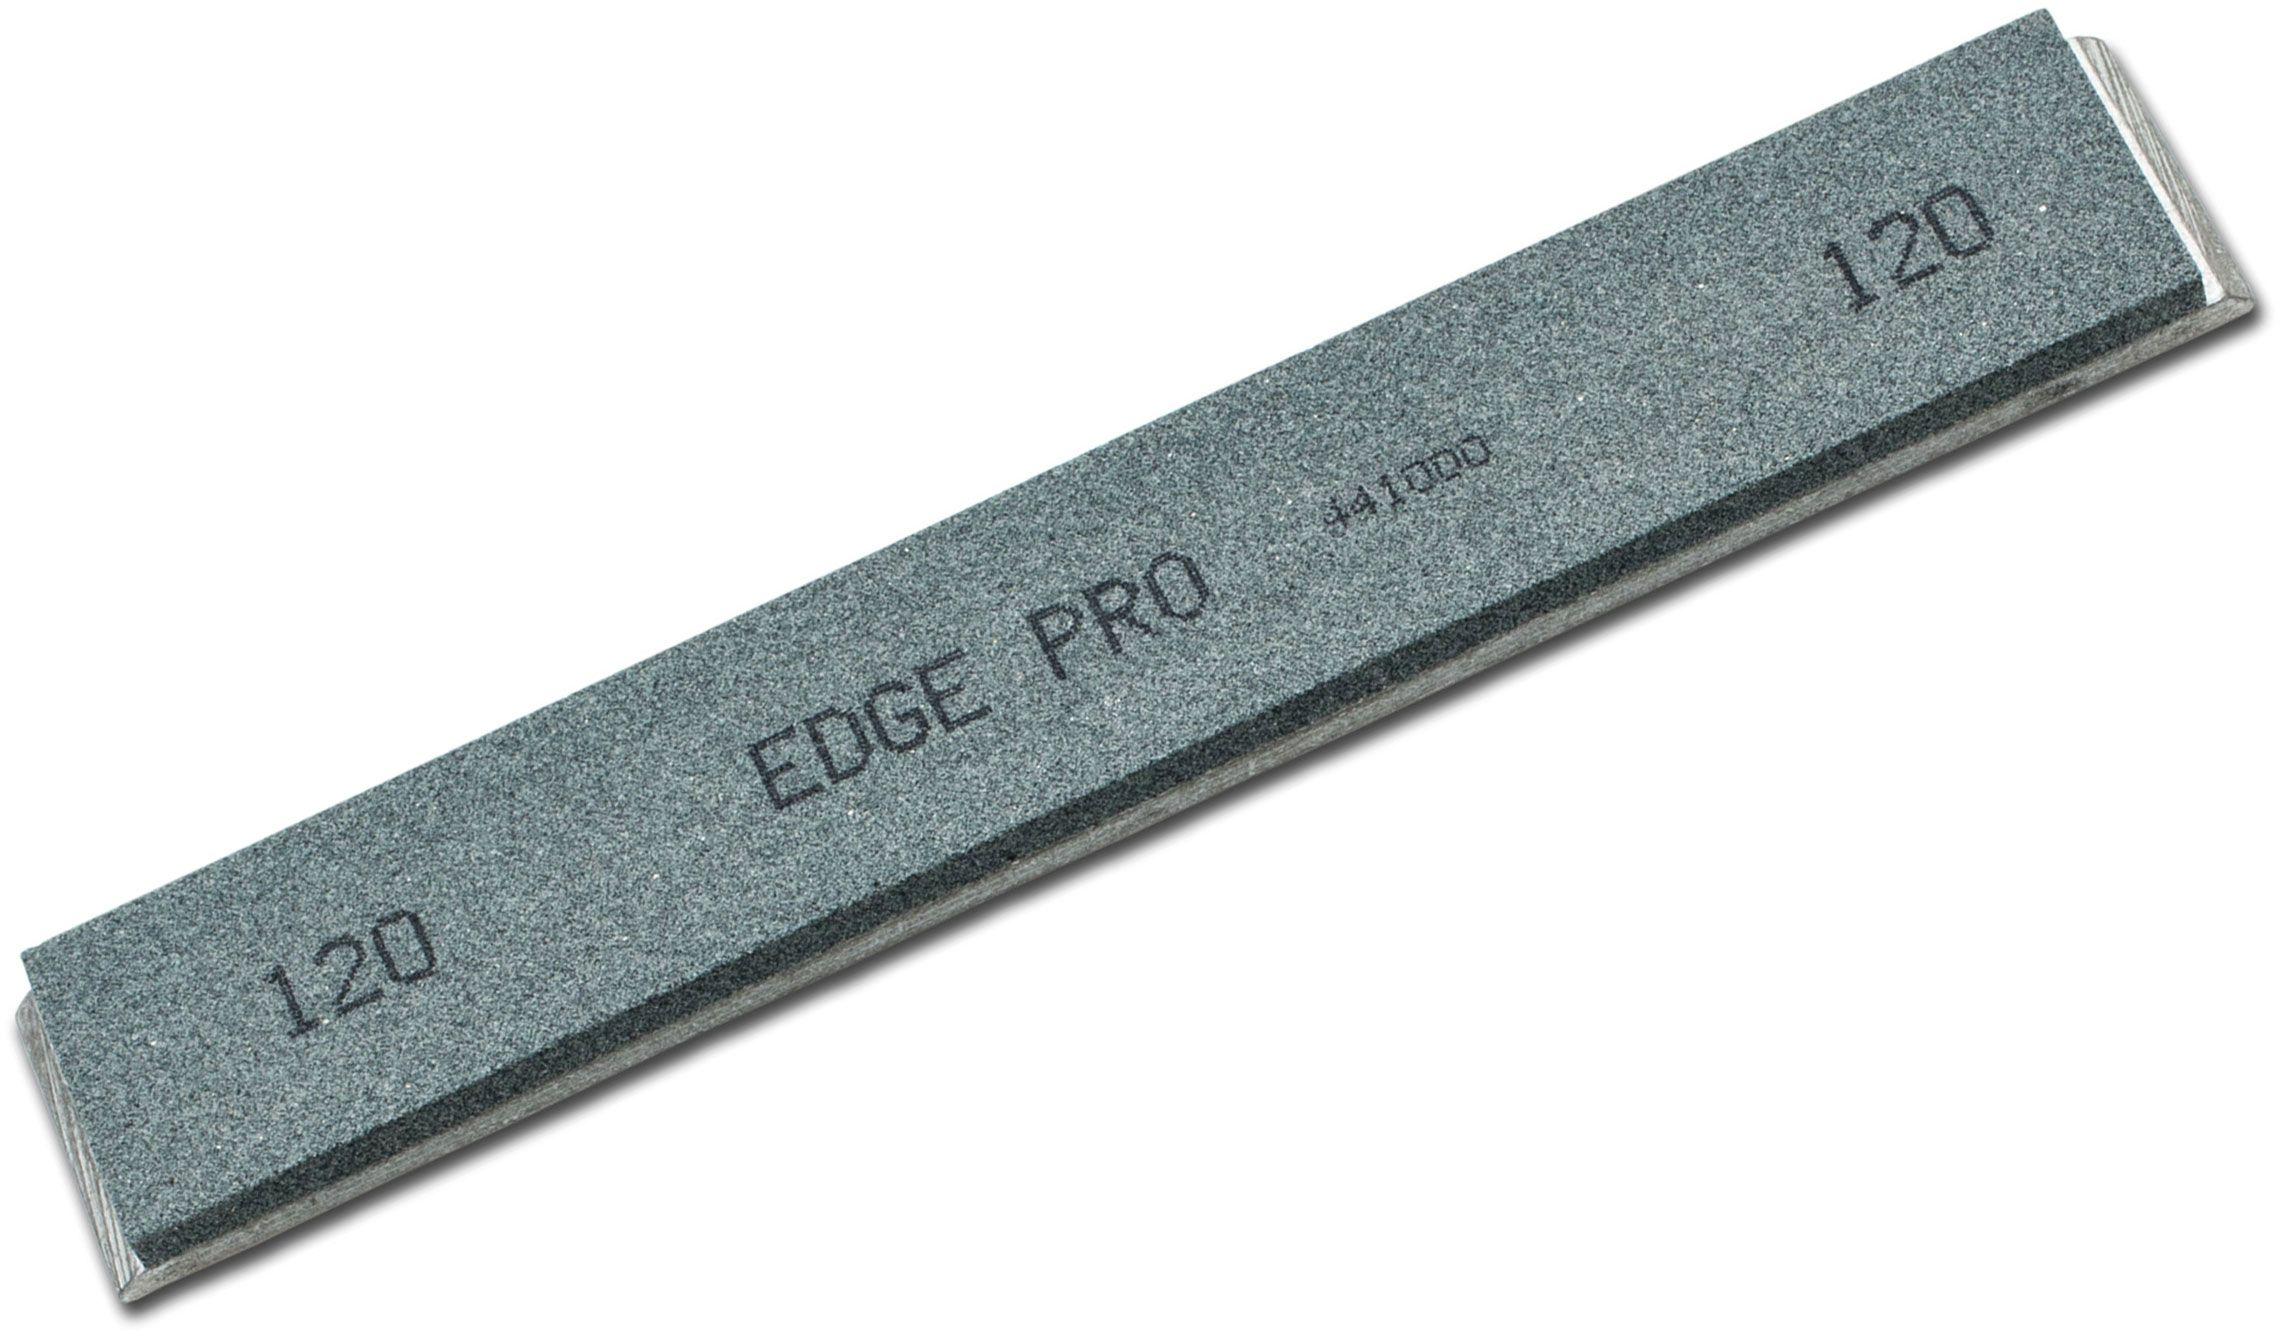 Edge Pro 120 Grit Coarse Stone Silicon Carbide